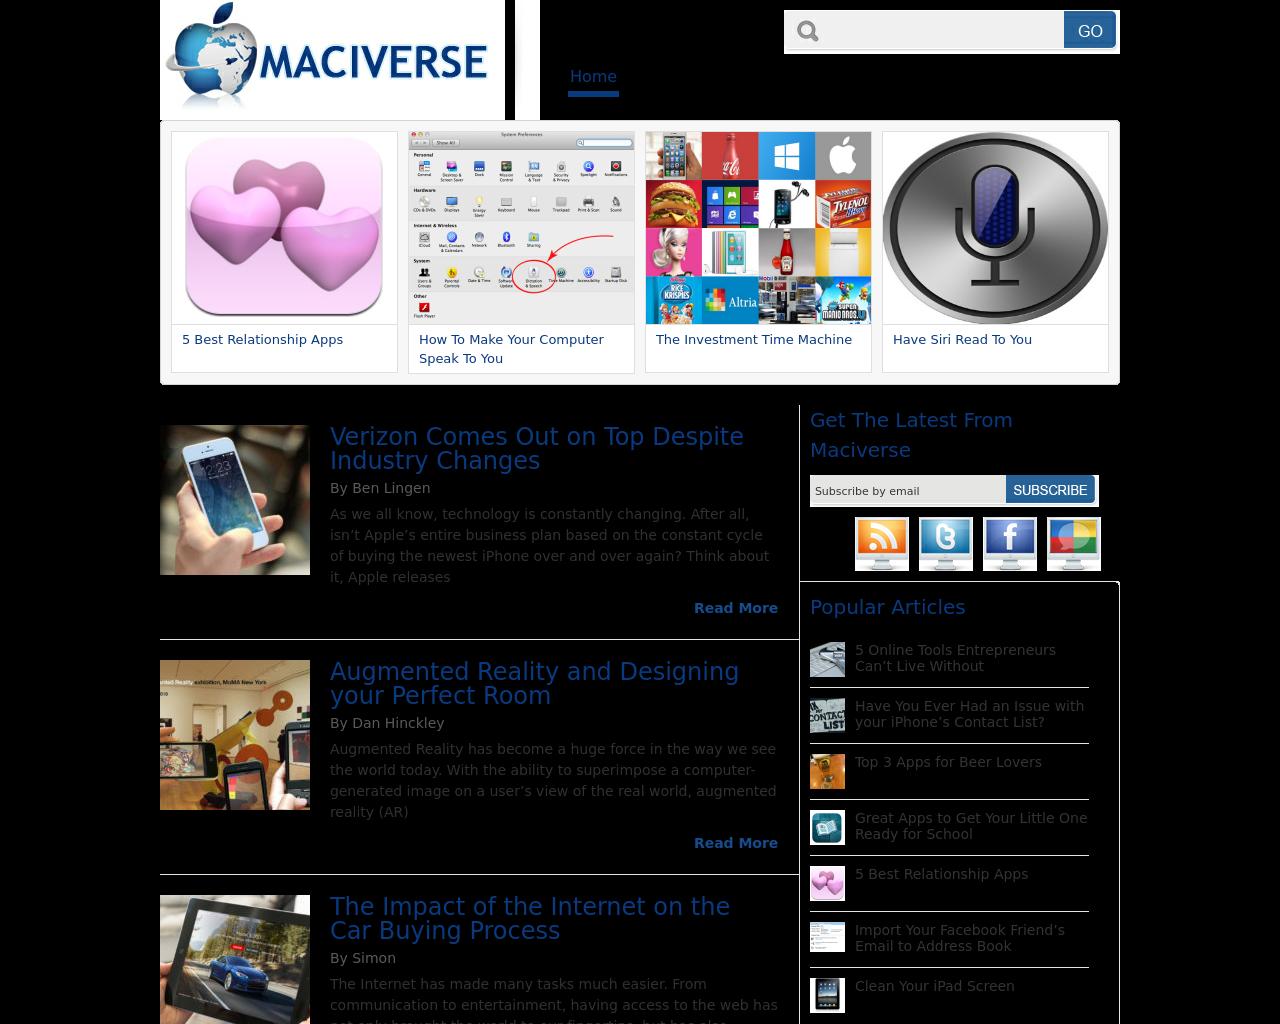 Maciverse-Advertising-Reviews-Pricing